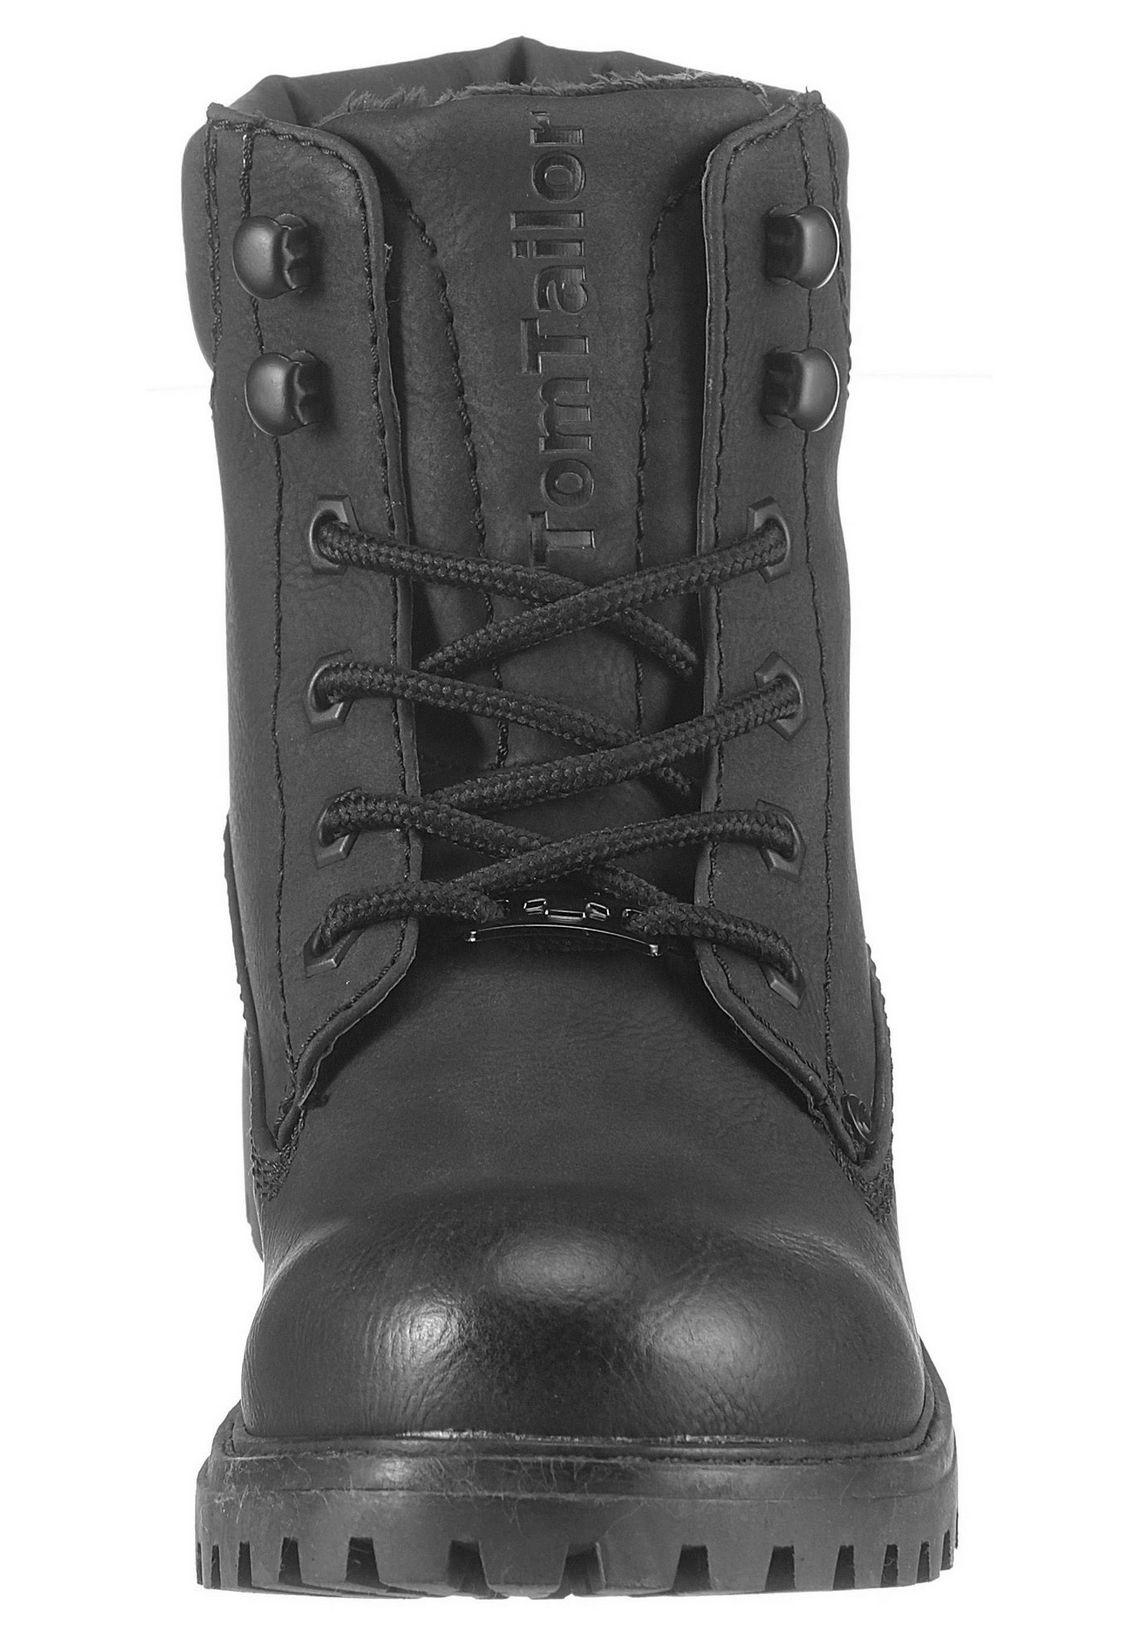 Tom Tailor hoge veterschoenen snel online gekocht  zwart